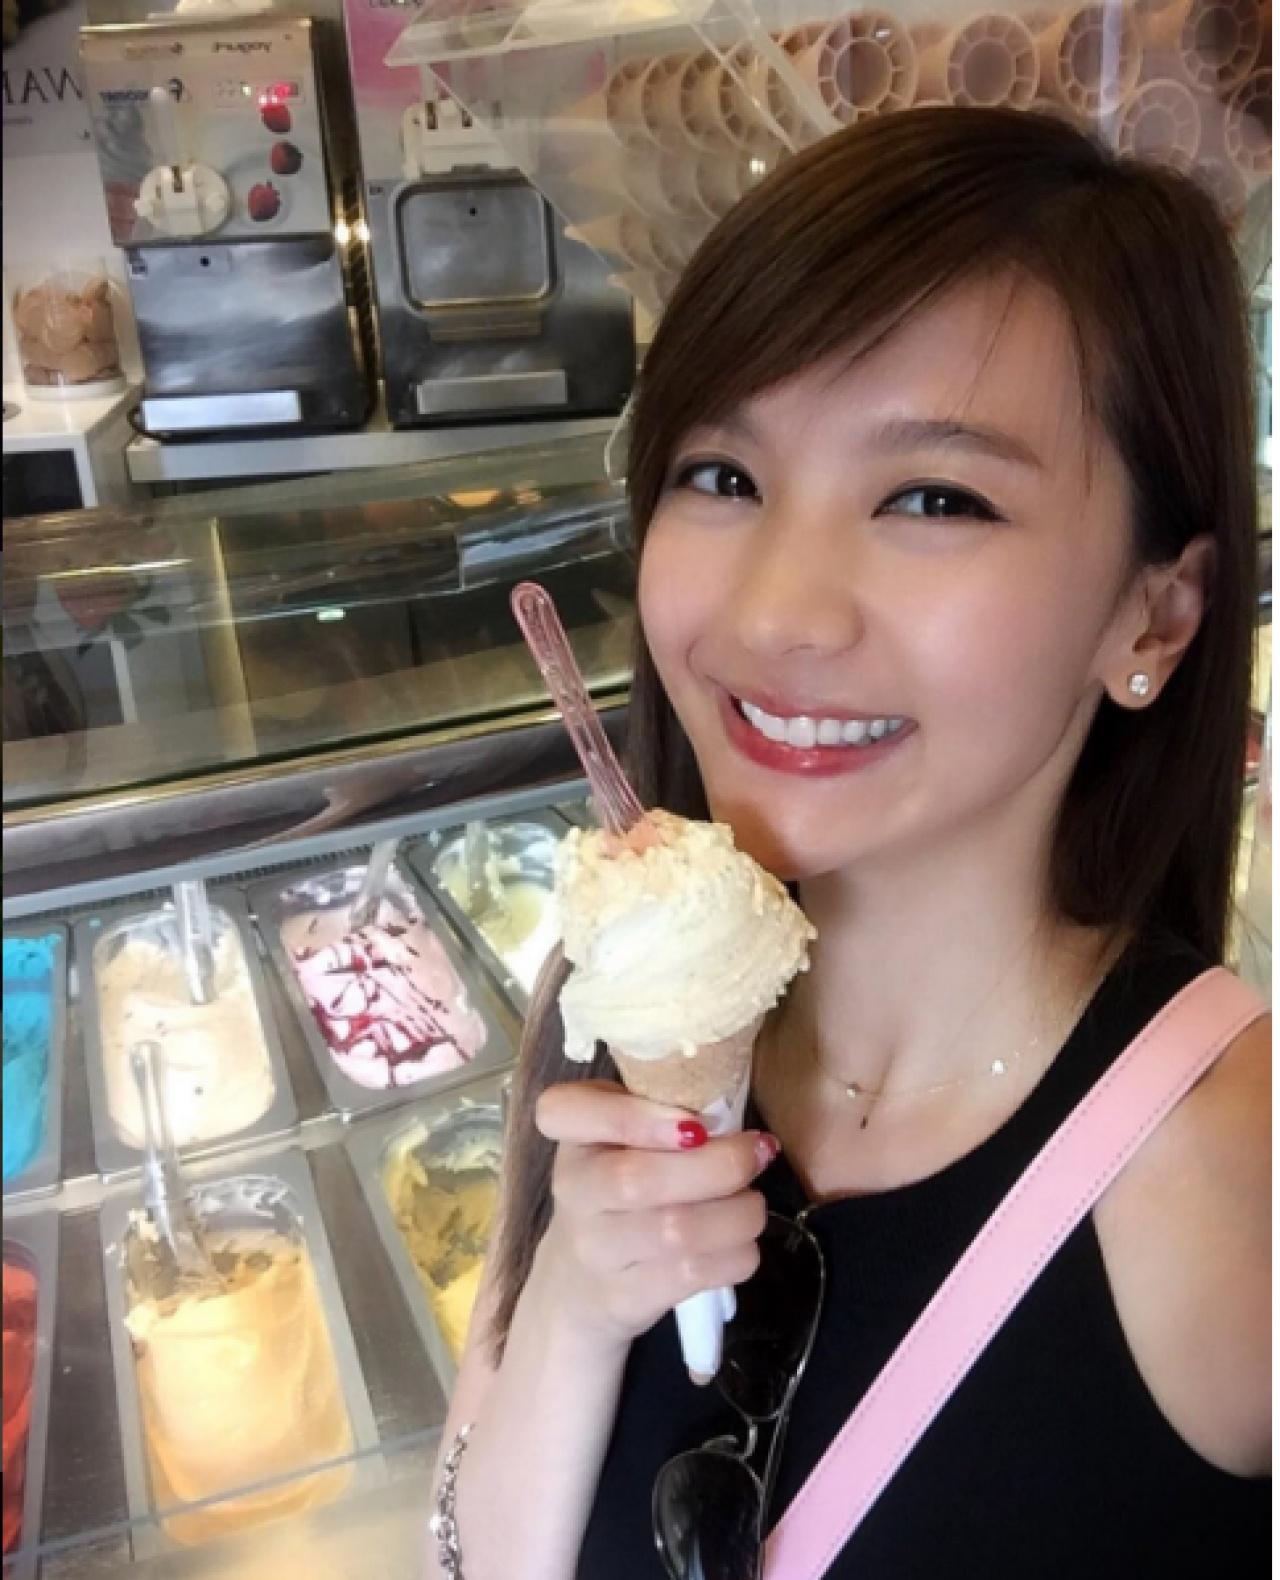 陳華鑫樣子甜美,全身散發仙氣,成為高登女神。(Instagram圖片)